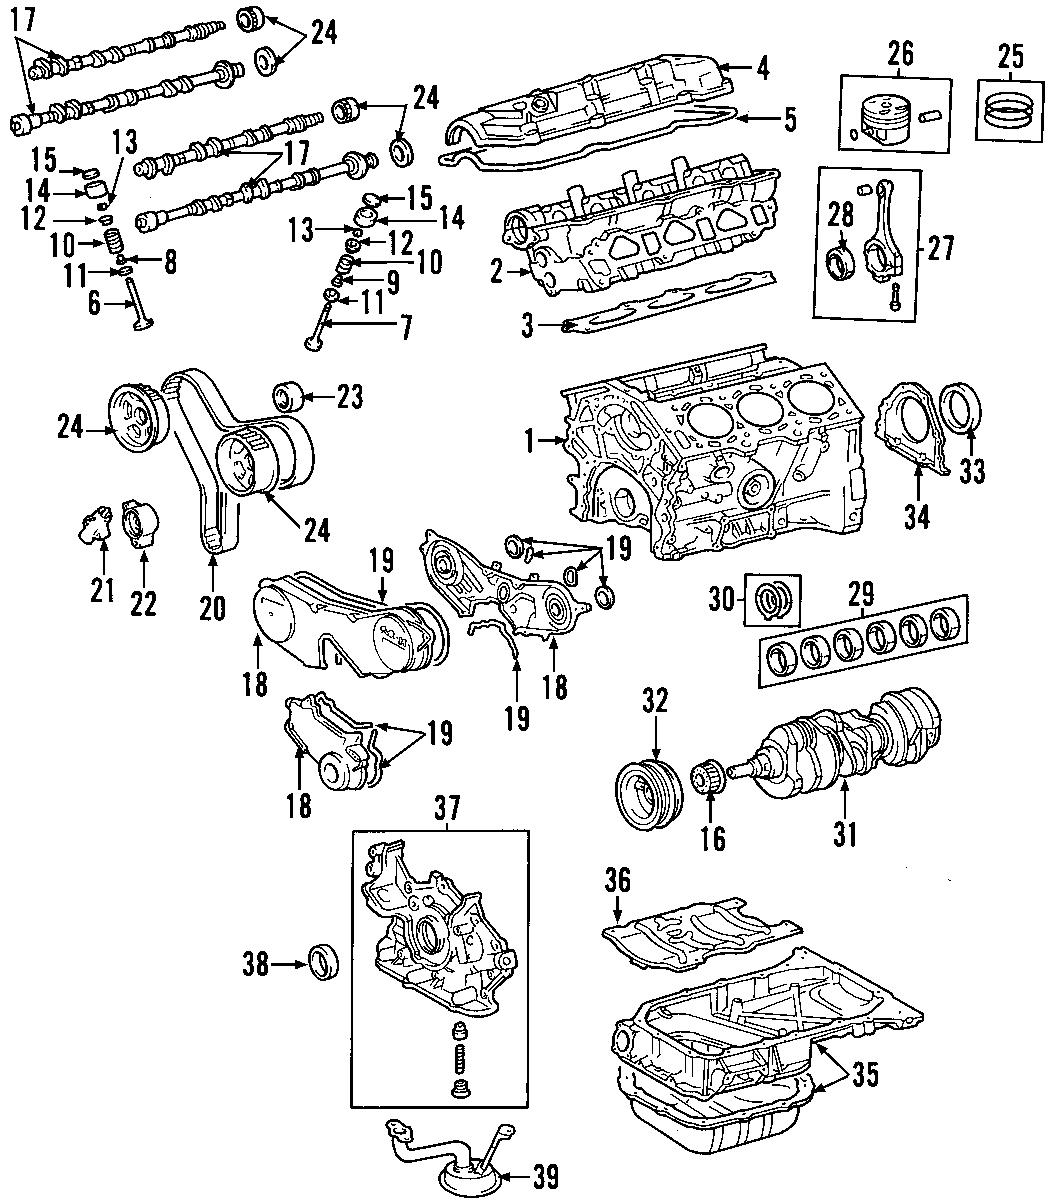 Toyota Highlander Engine Support Rod. 2004-06, Japan built